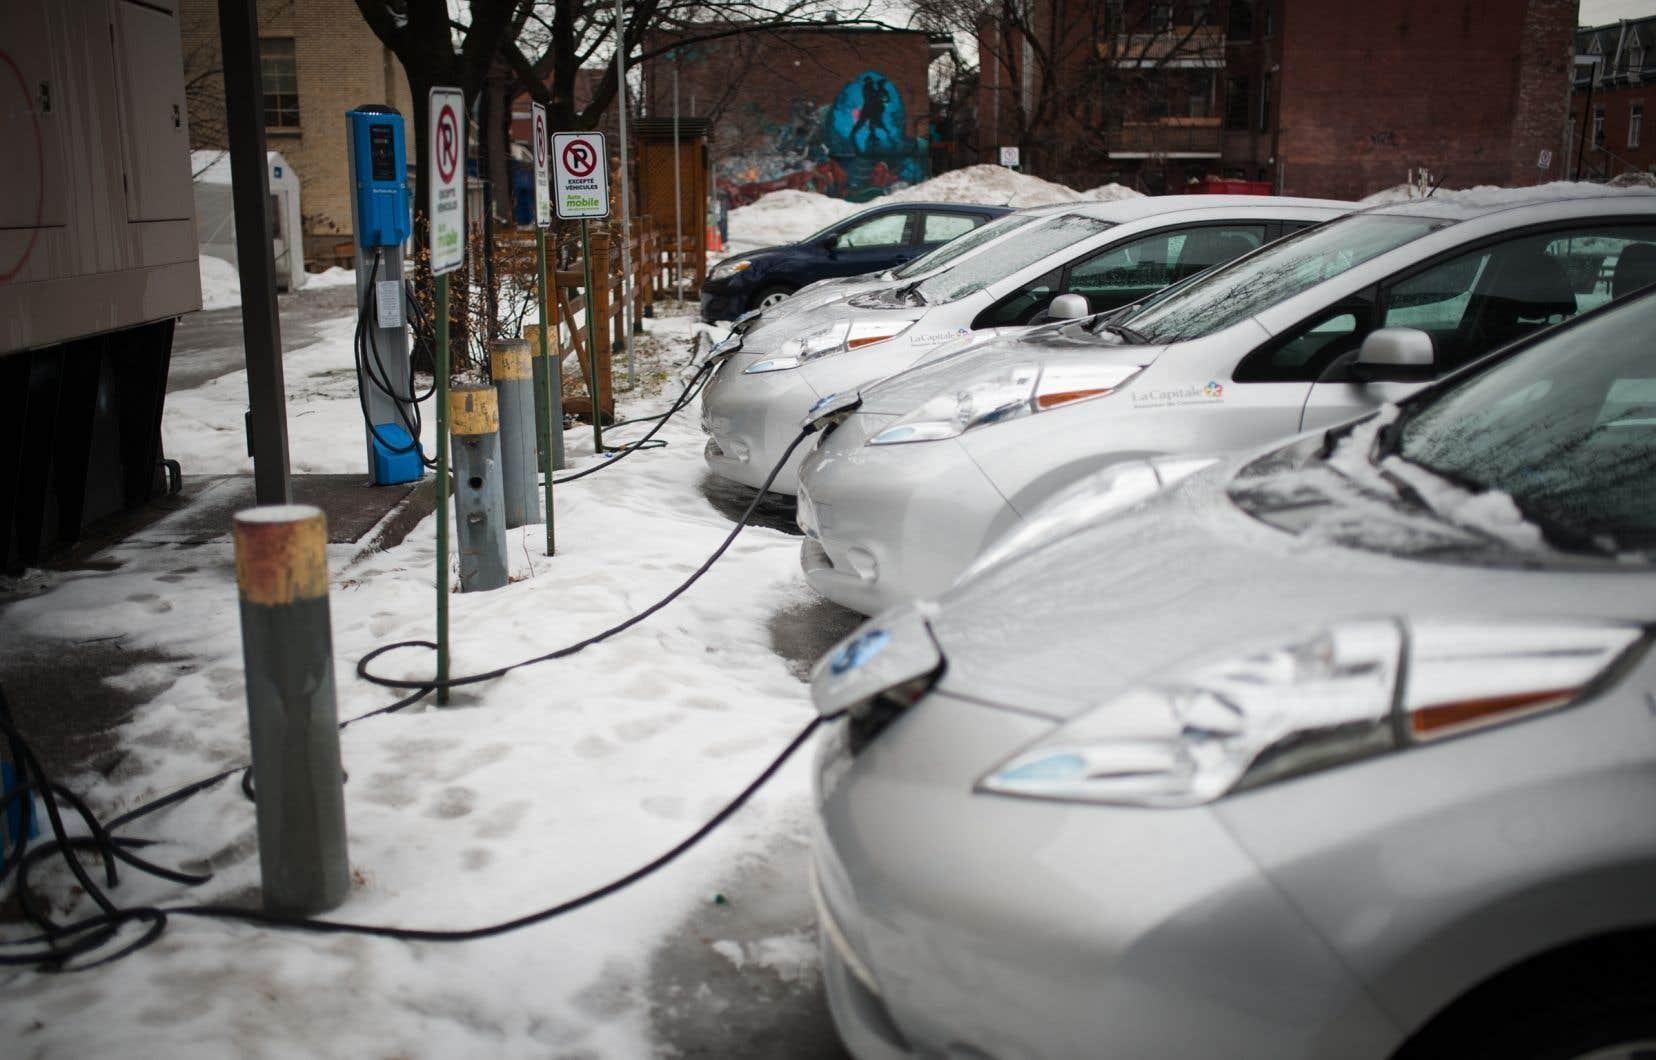 Le nombre de véhicules électriques sur les routes du Québec est passé de 8000 en 2015 à plus de 66000 en décembre 2019, selon Hydro-Québec.